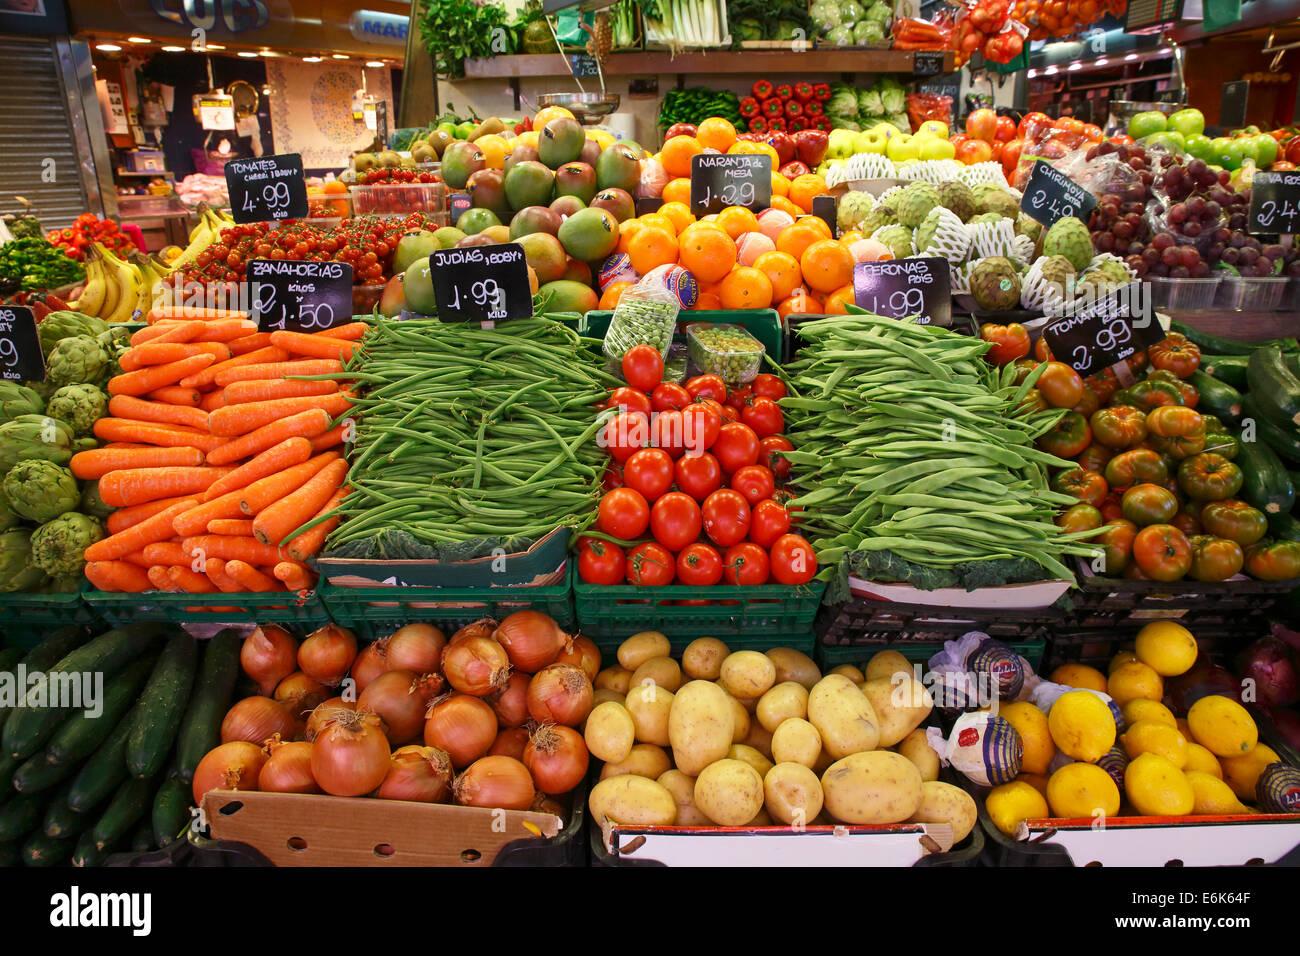 Market stall selling fruit and vegetables, old market halls, Mercat de La Boqueria, also Mercat de Sant Josep, La - Stock Image